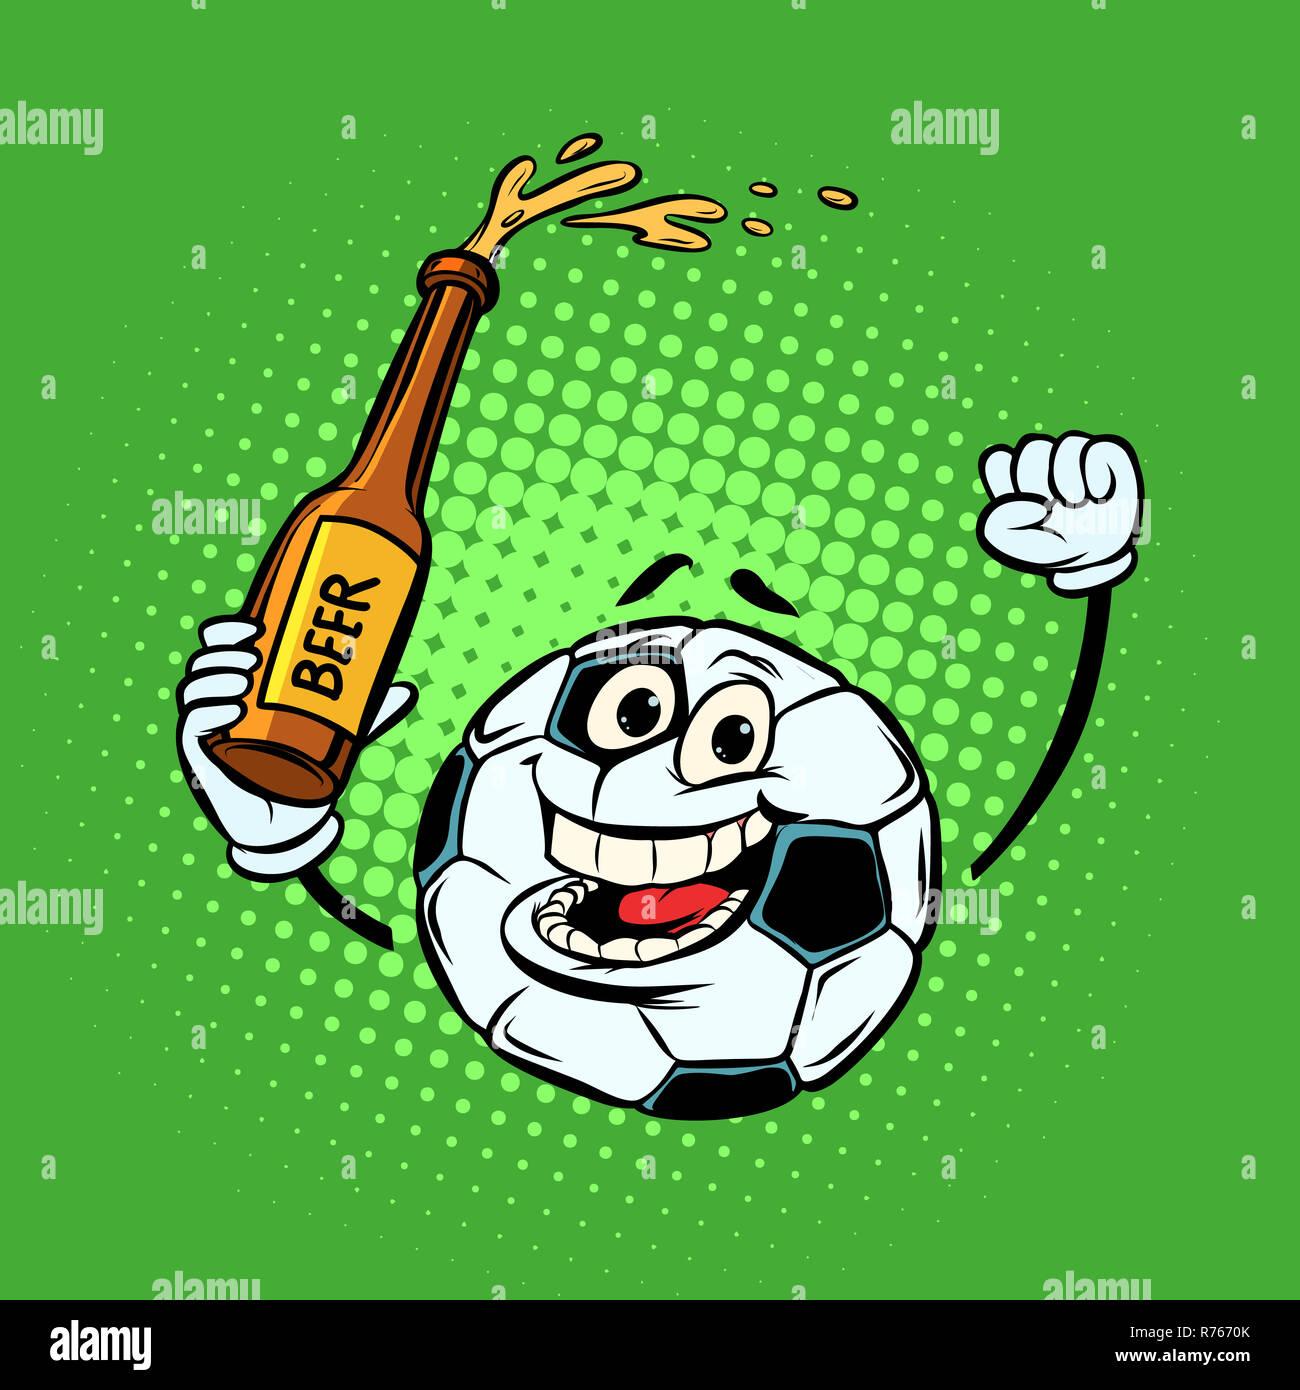 Fußball Lustige Bilder